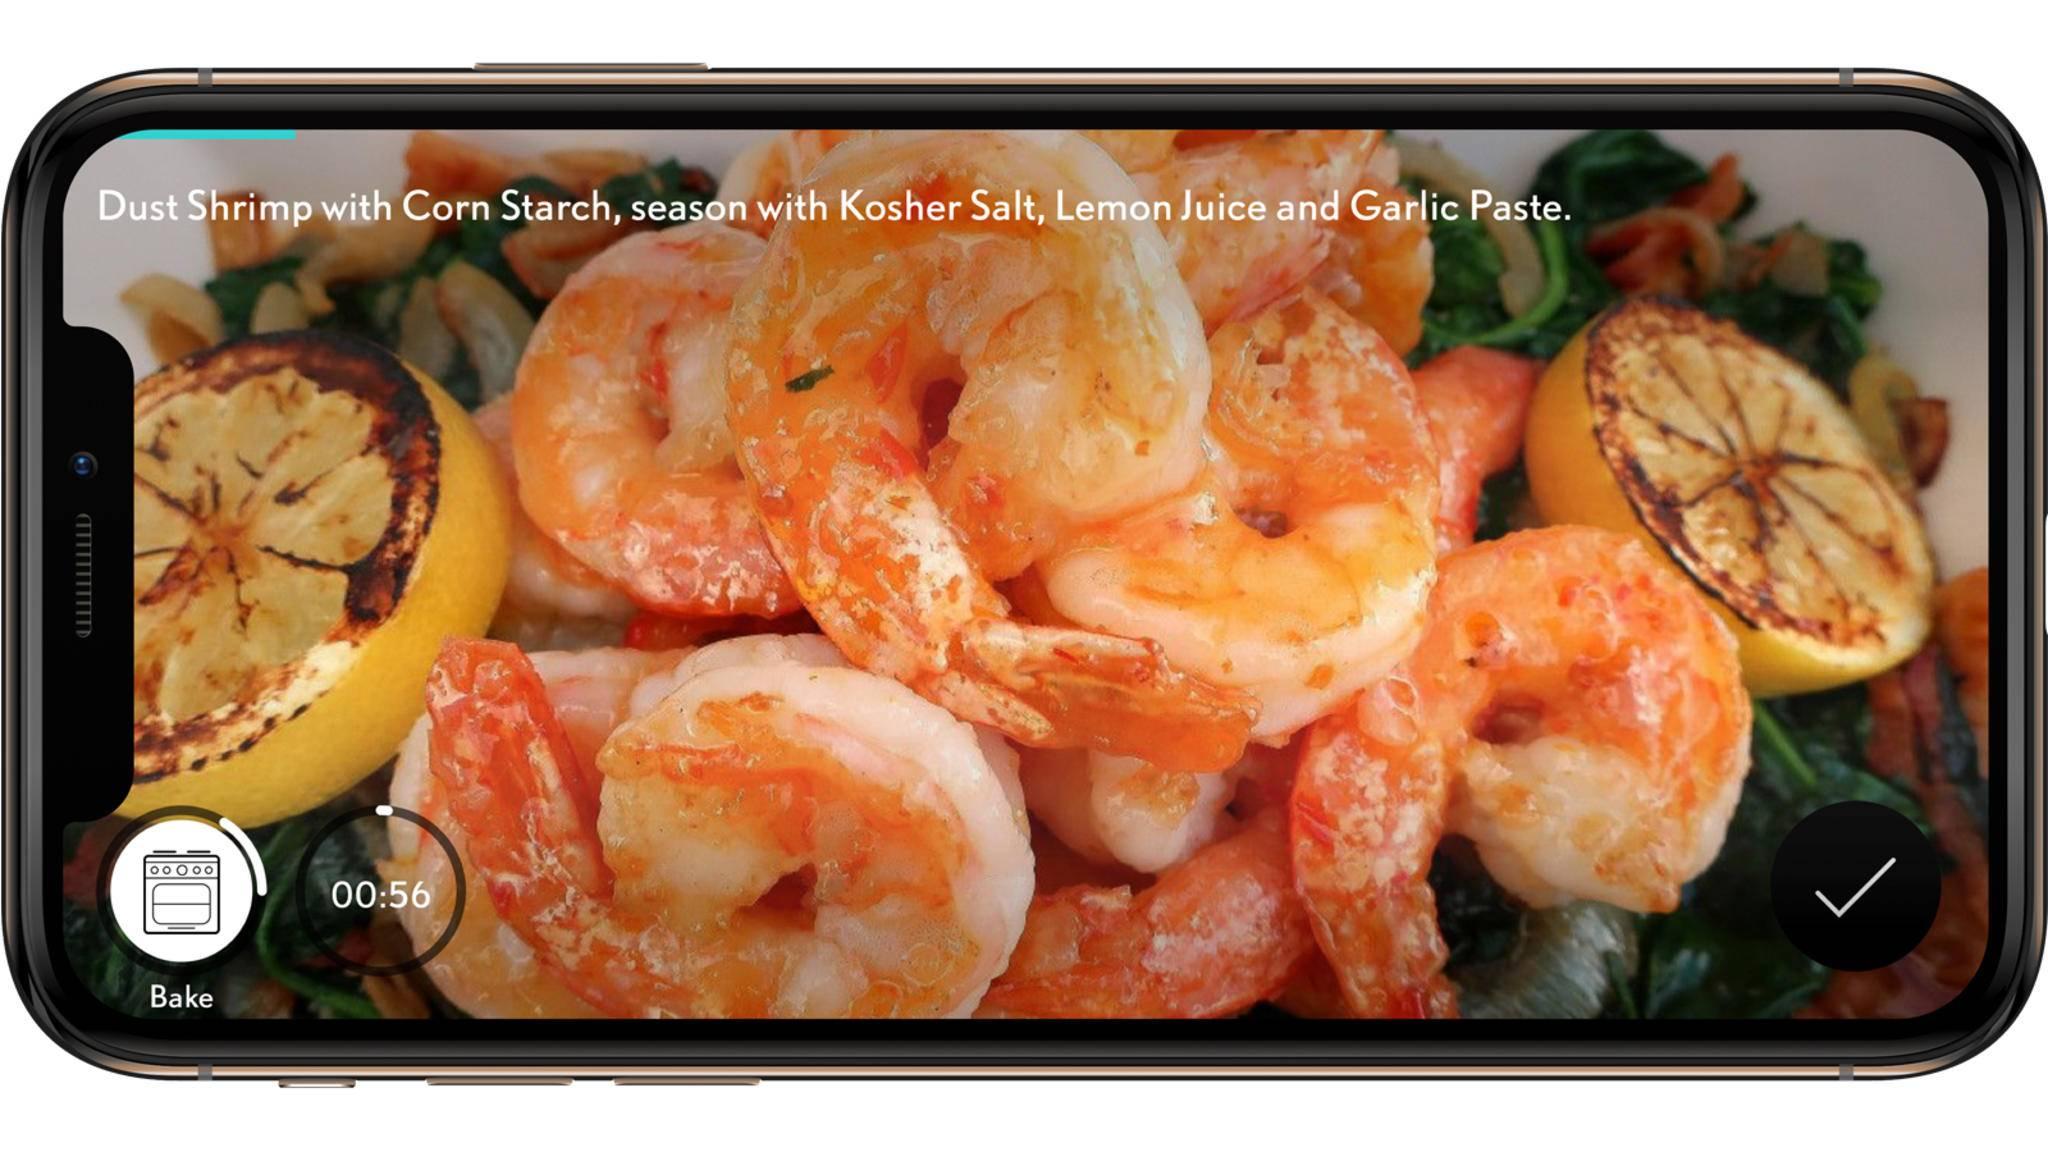 Die Rezepte von SideChef sind jetzt auch auf den smarten Kühlschränken von Haier abrufbar.